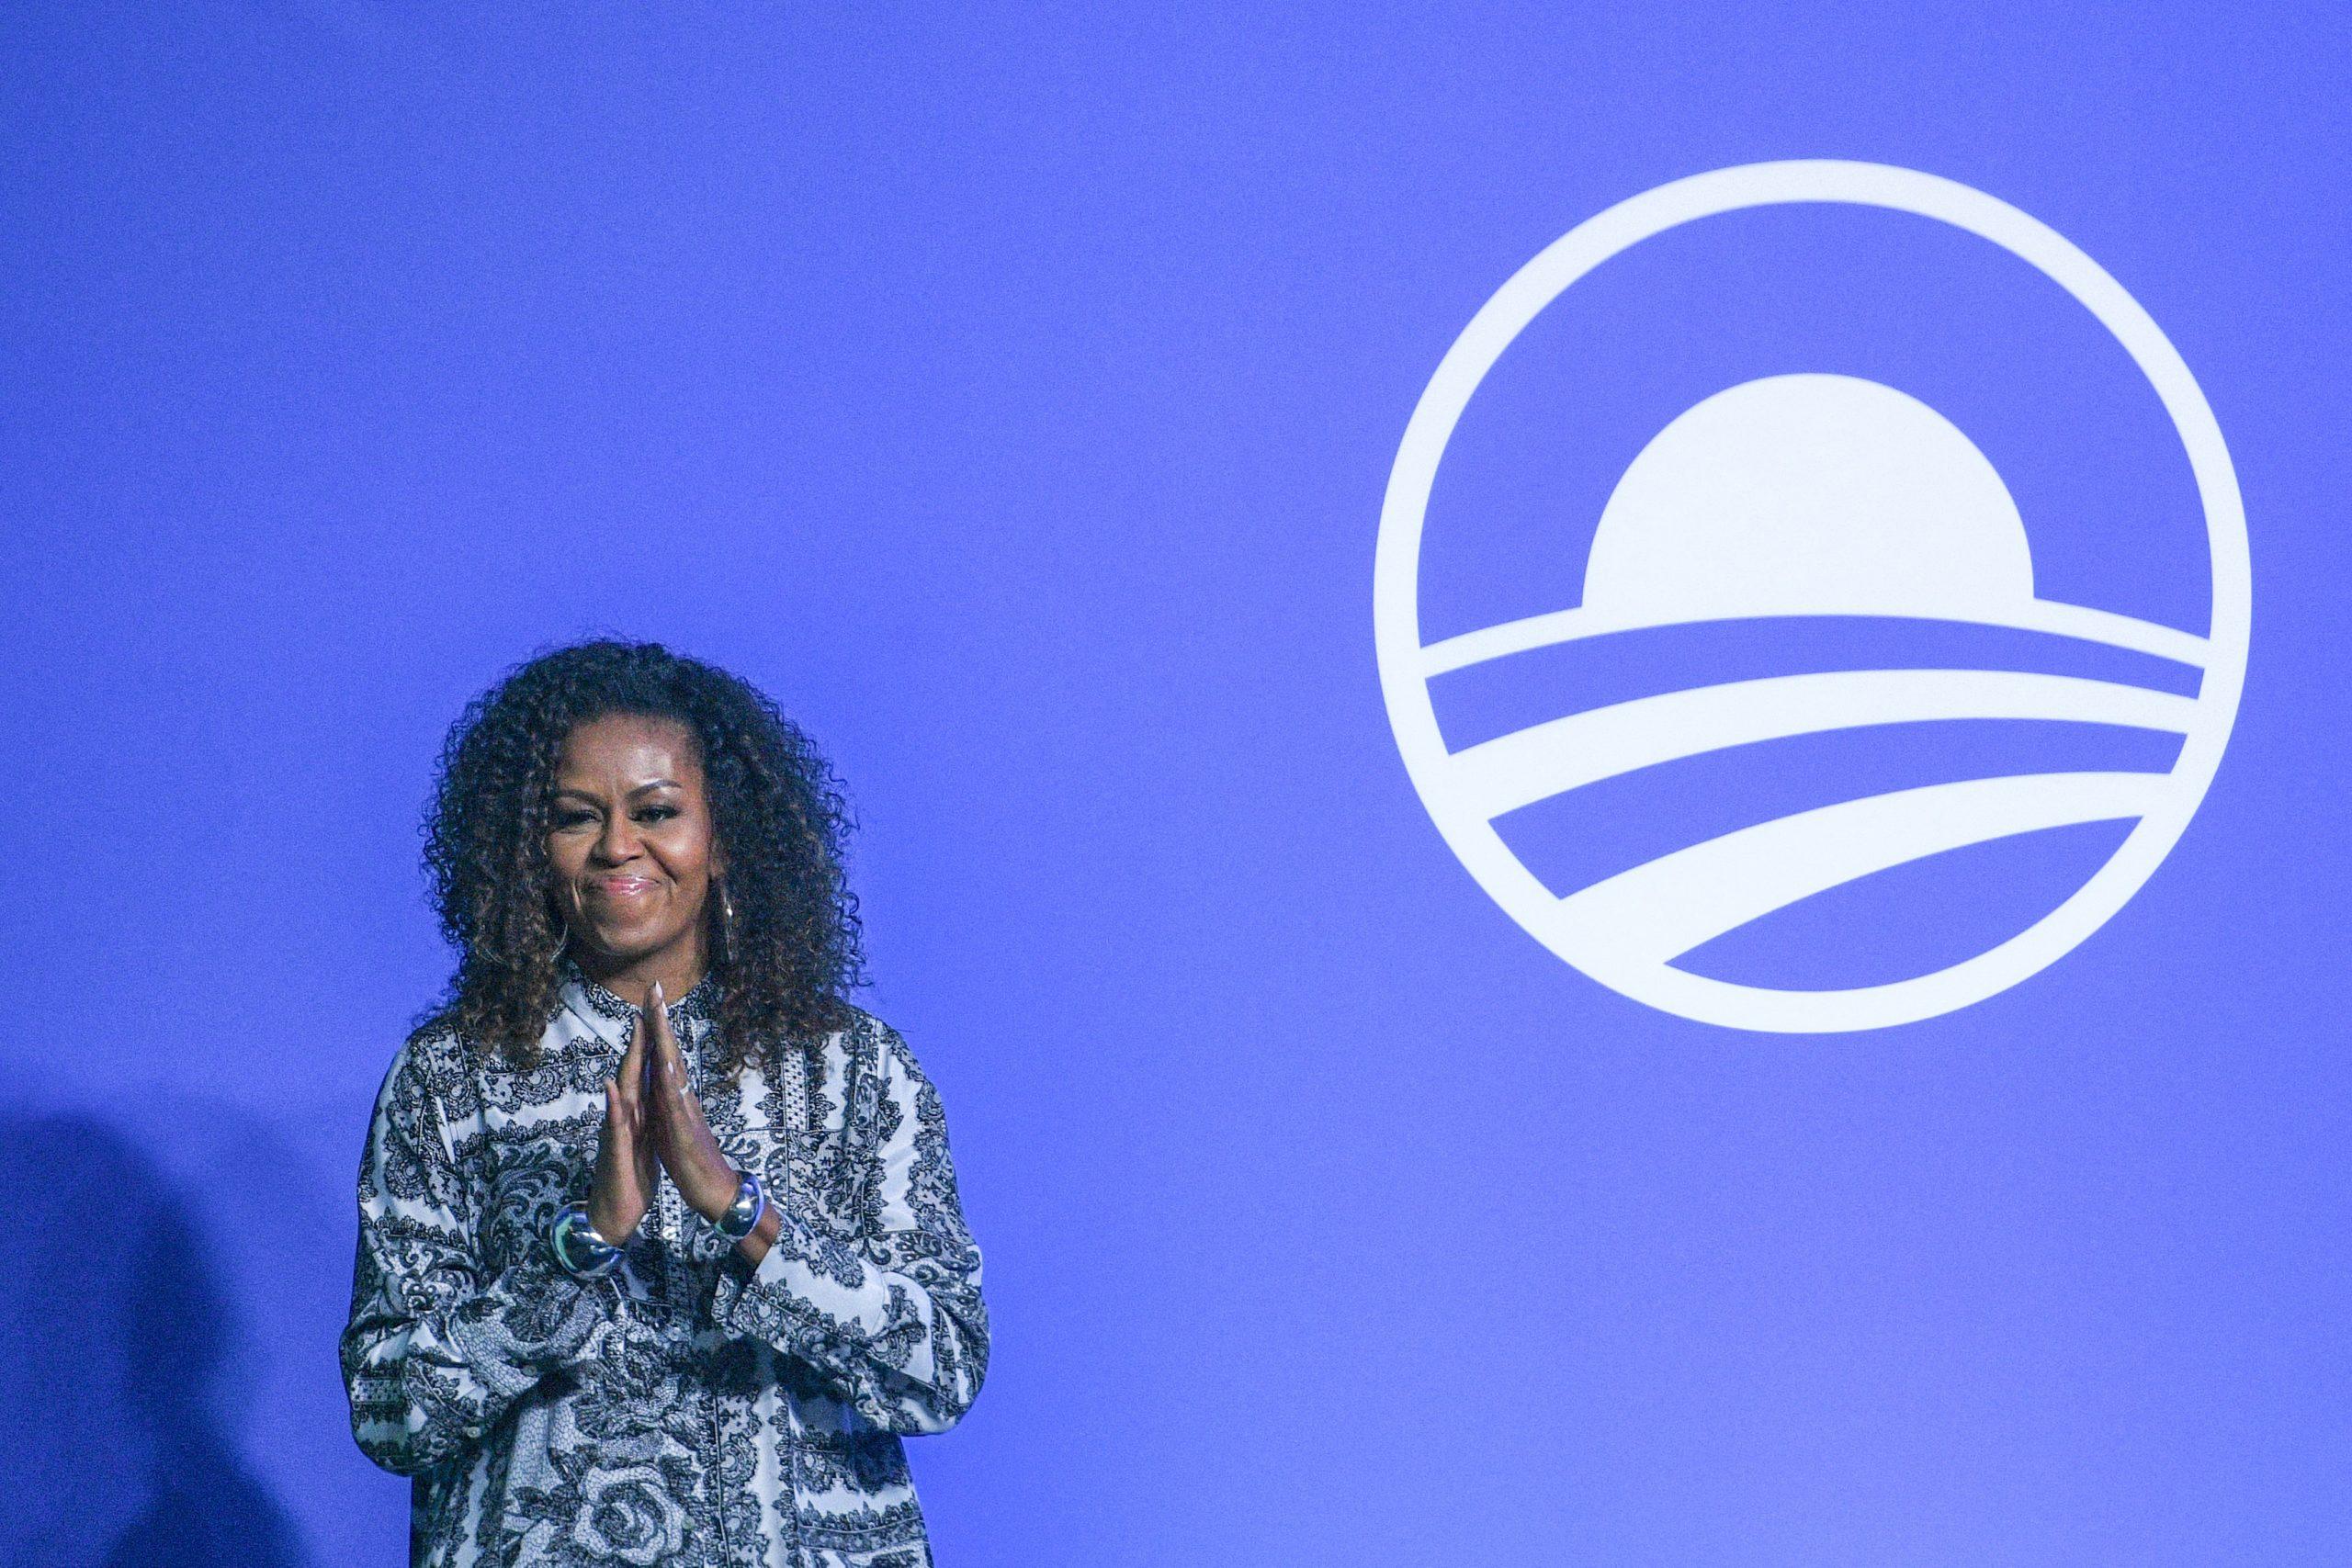 Cabelo black power: Michelle Obama em Kuala Lumpur em 2019: com frequência, ex-primeira-dama tem aparecido com os cabelos naturais após deixar o posto (Crédito: MOHD RASFAN / AFP)